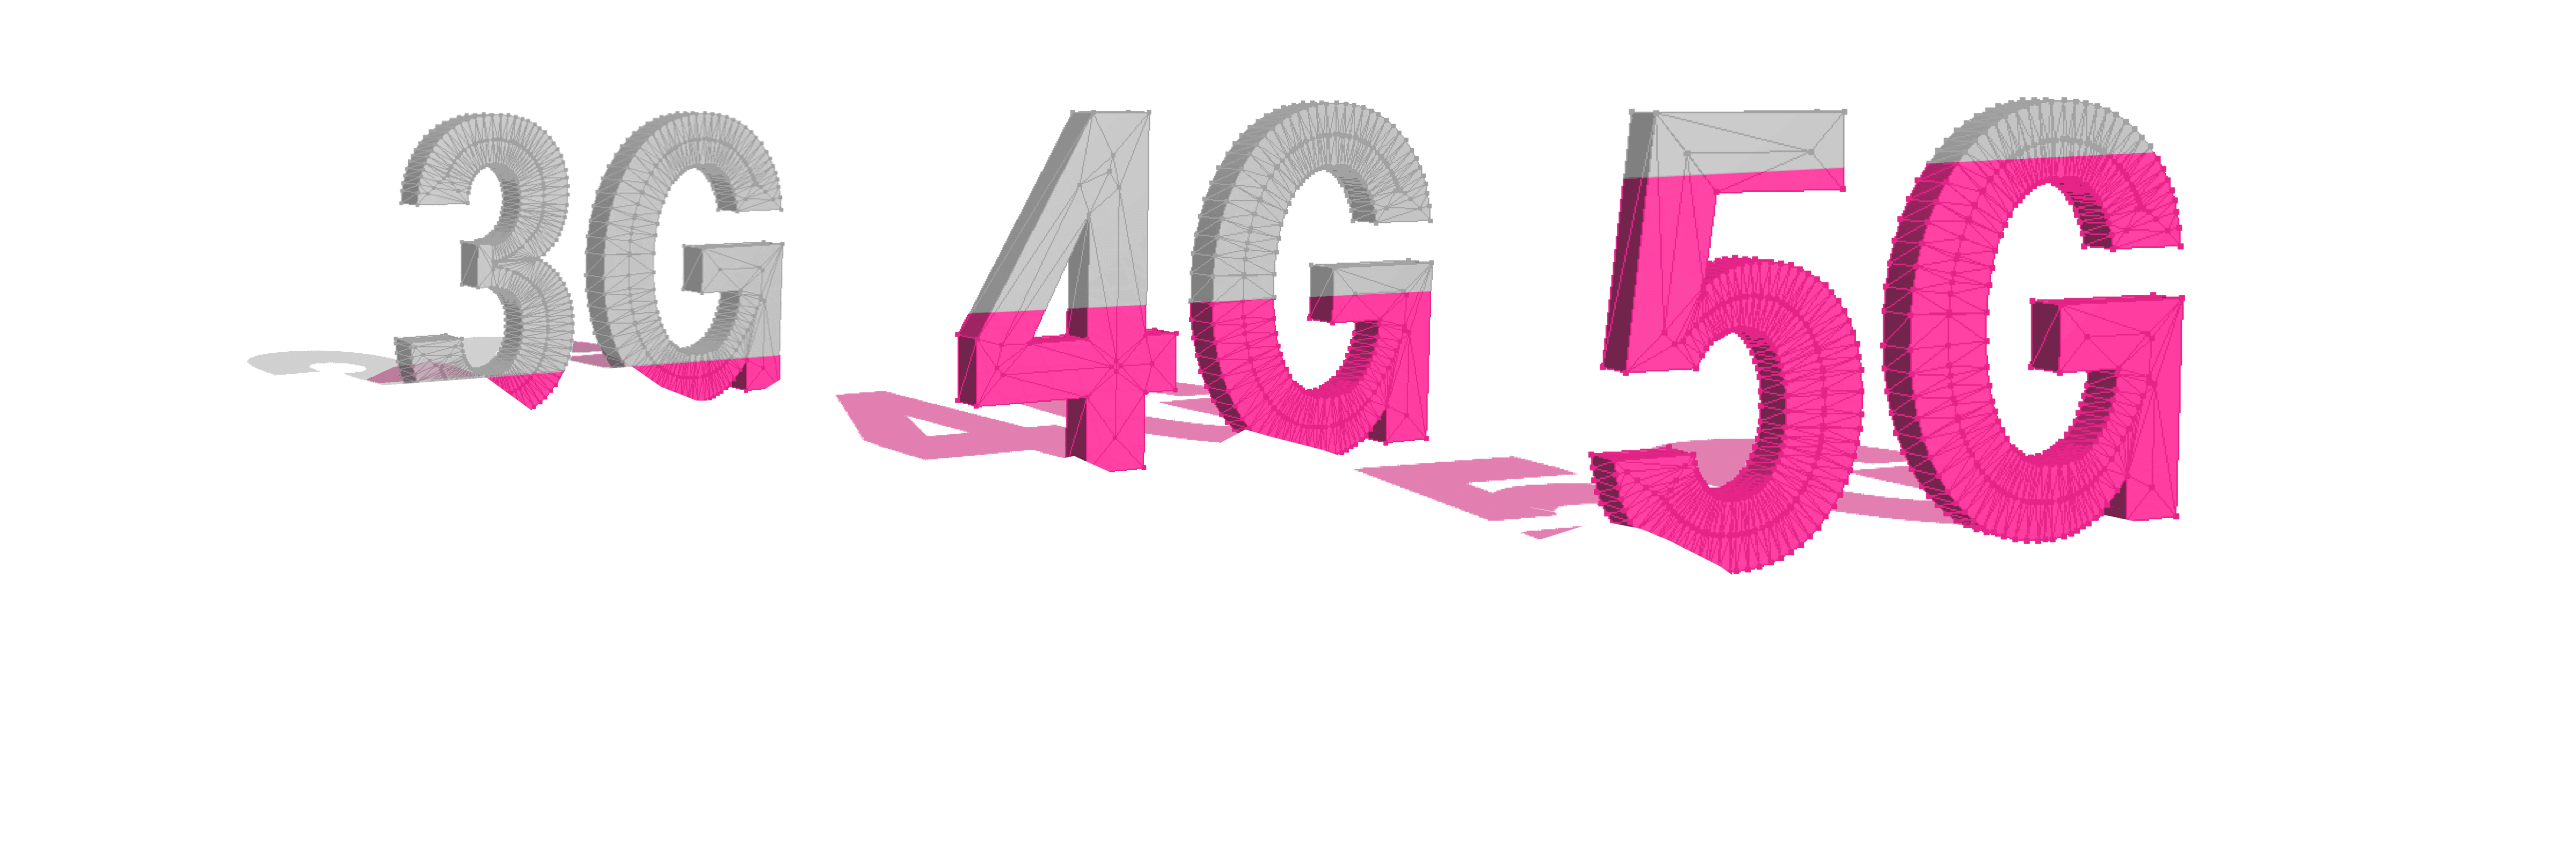 5G Mobilfunk Schnelligkeit